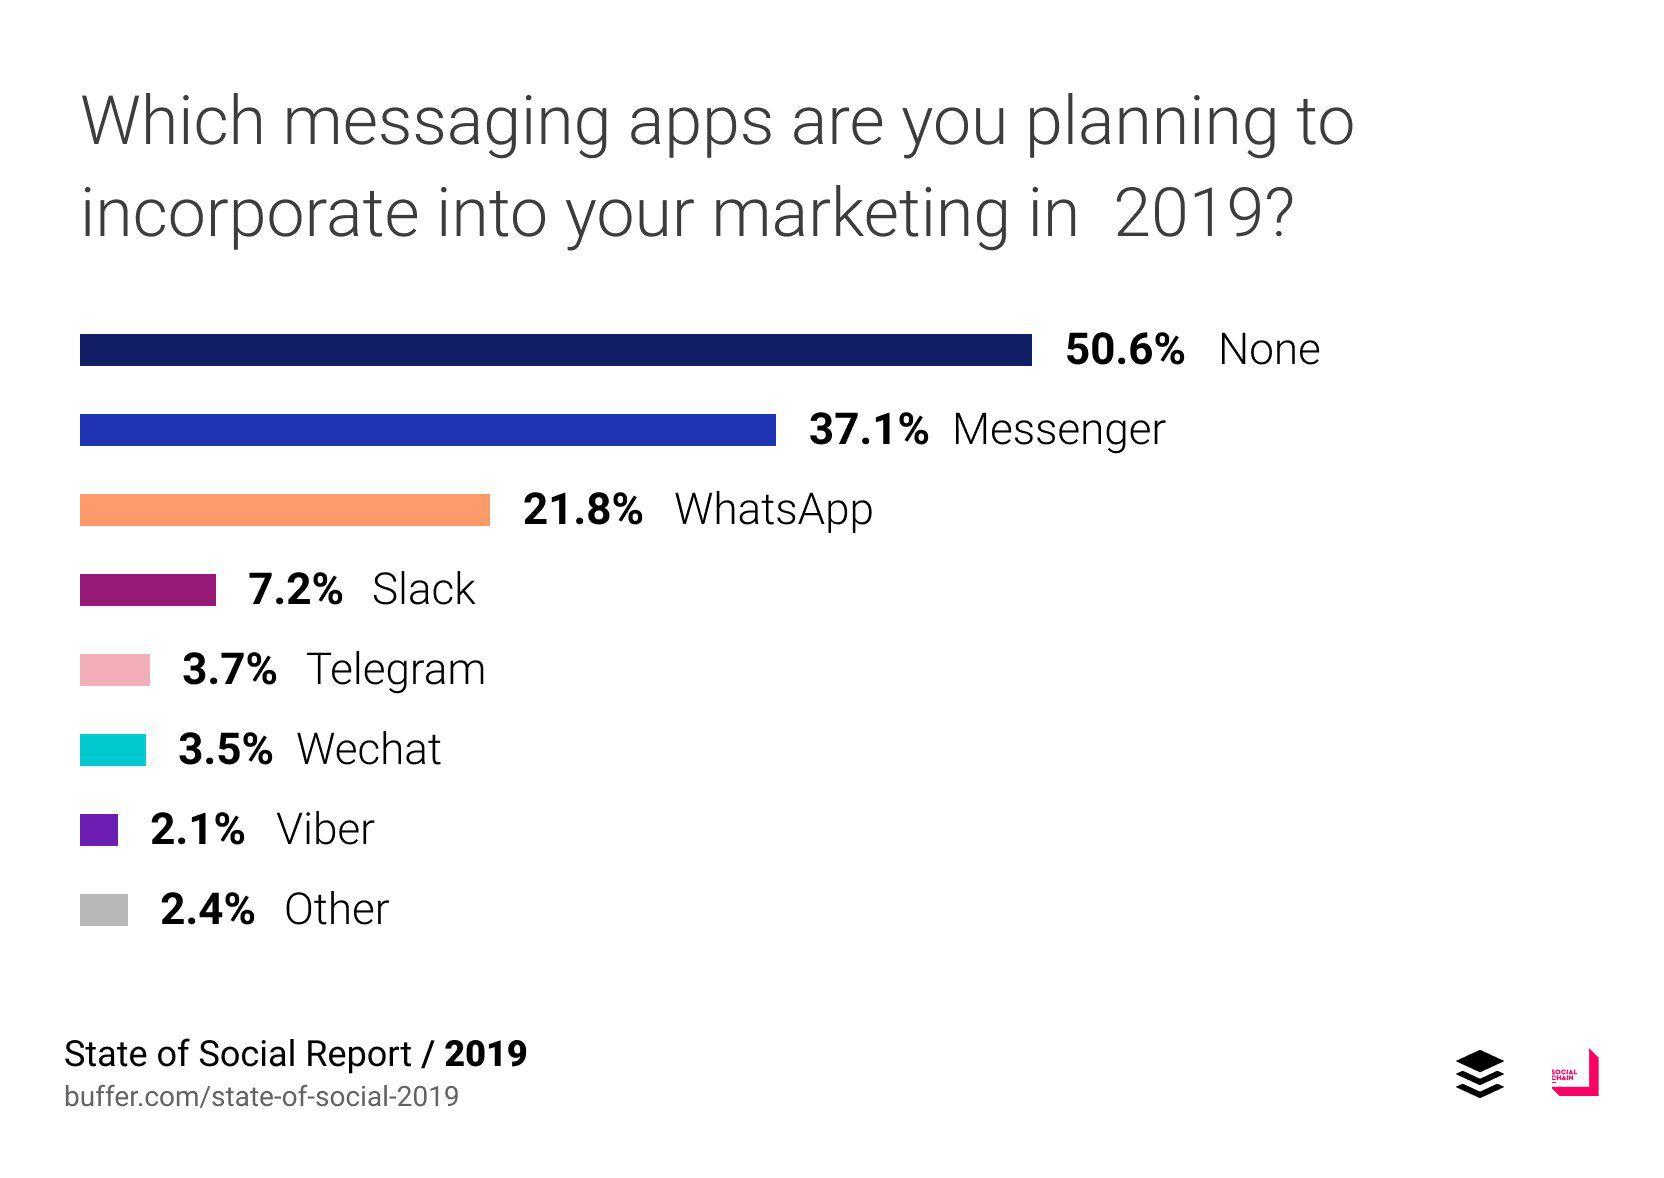 Les applications de messageries que les entreprises prévoient d'utiliser en 2019 selon Buffer